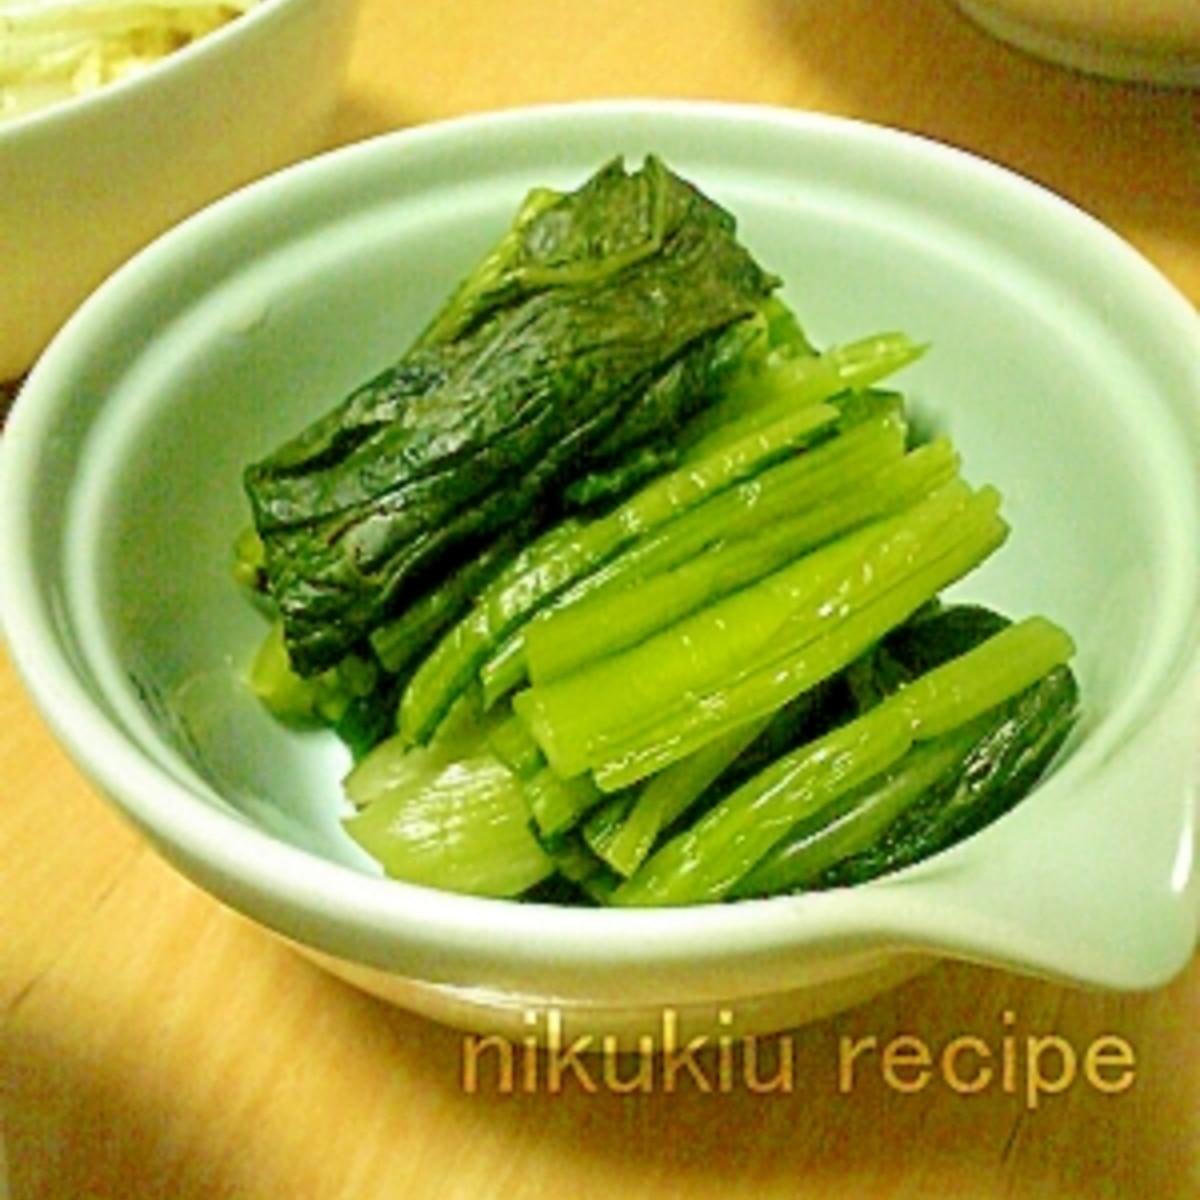 漬け レシピ 菜 野沢